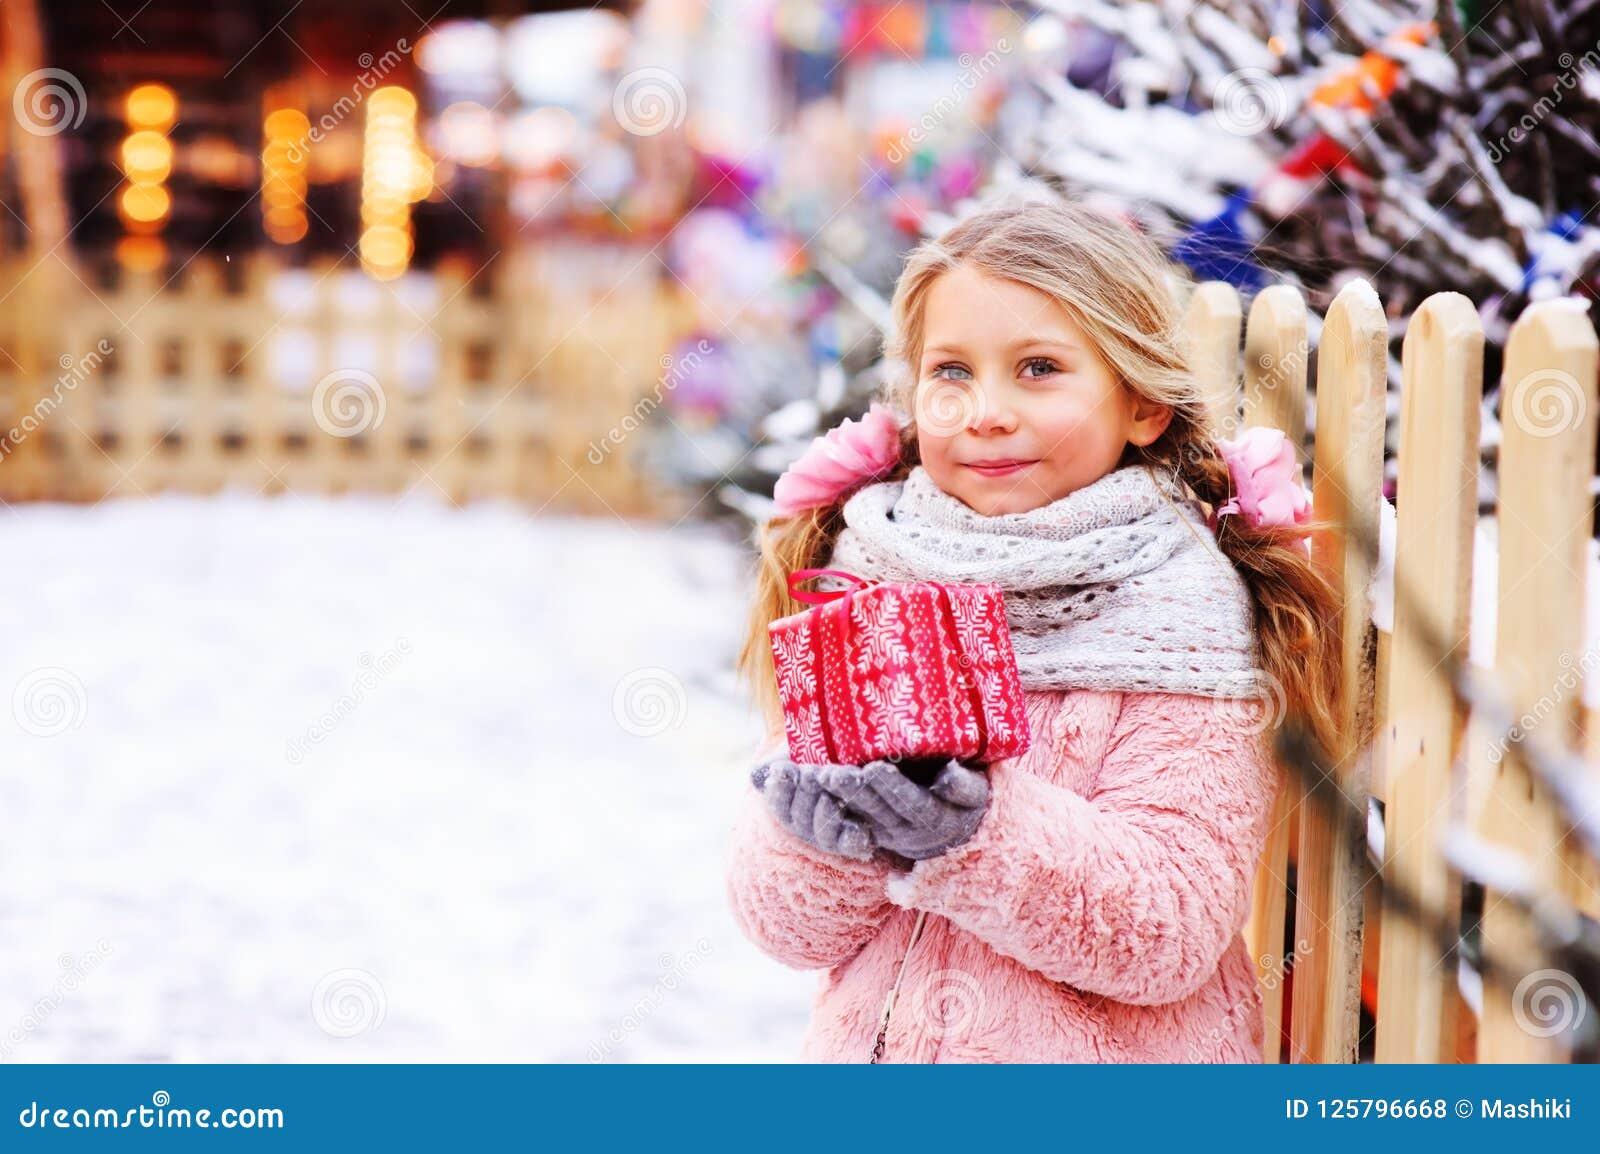 ευτυχές δώρο Χριστουγέννων εκμετάλλευσης κοριτσιών παιδιών υπαίθριο στον περίπατο στη χιονώδη χειμερινή πόλη